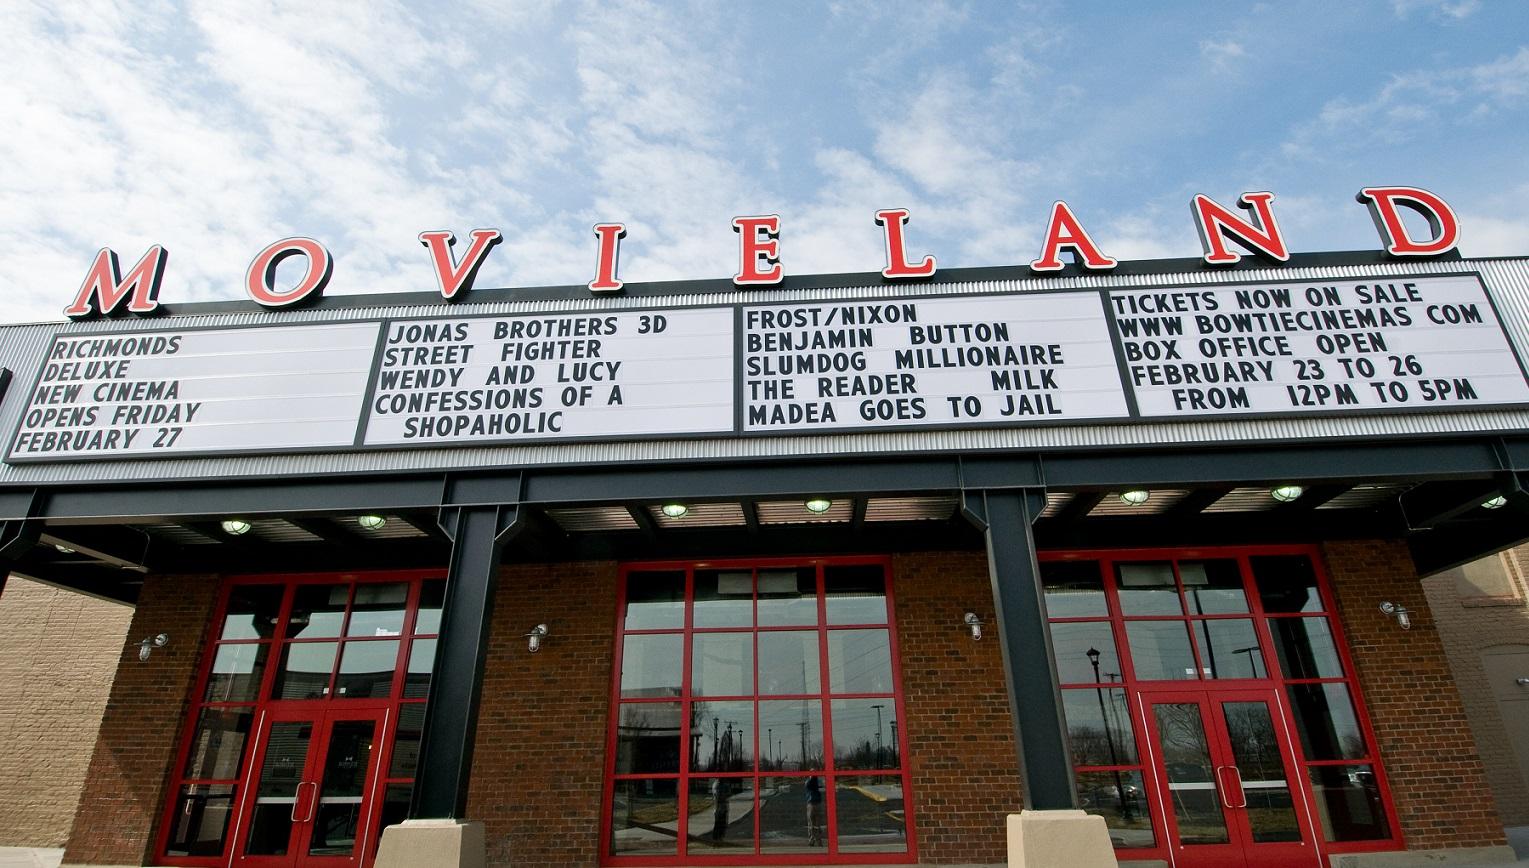 Movieland At Boulevard Square Bow Tie Cinemas